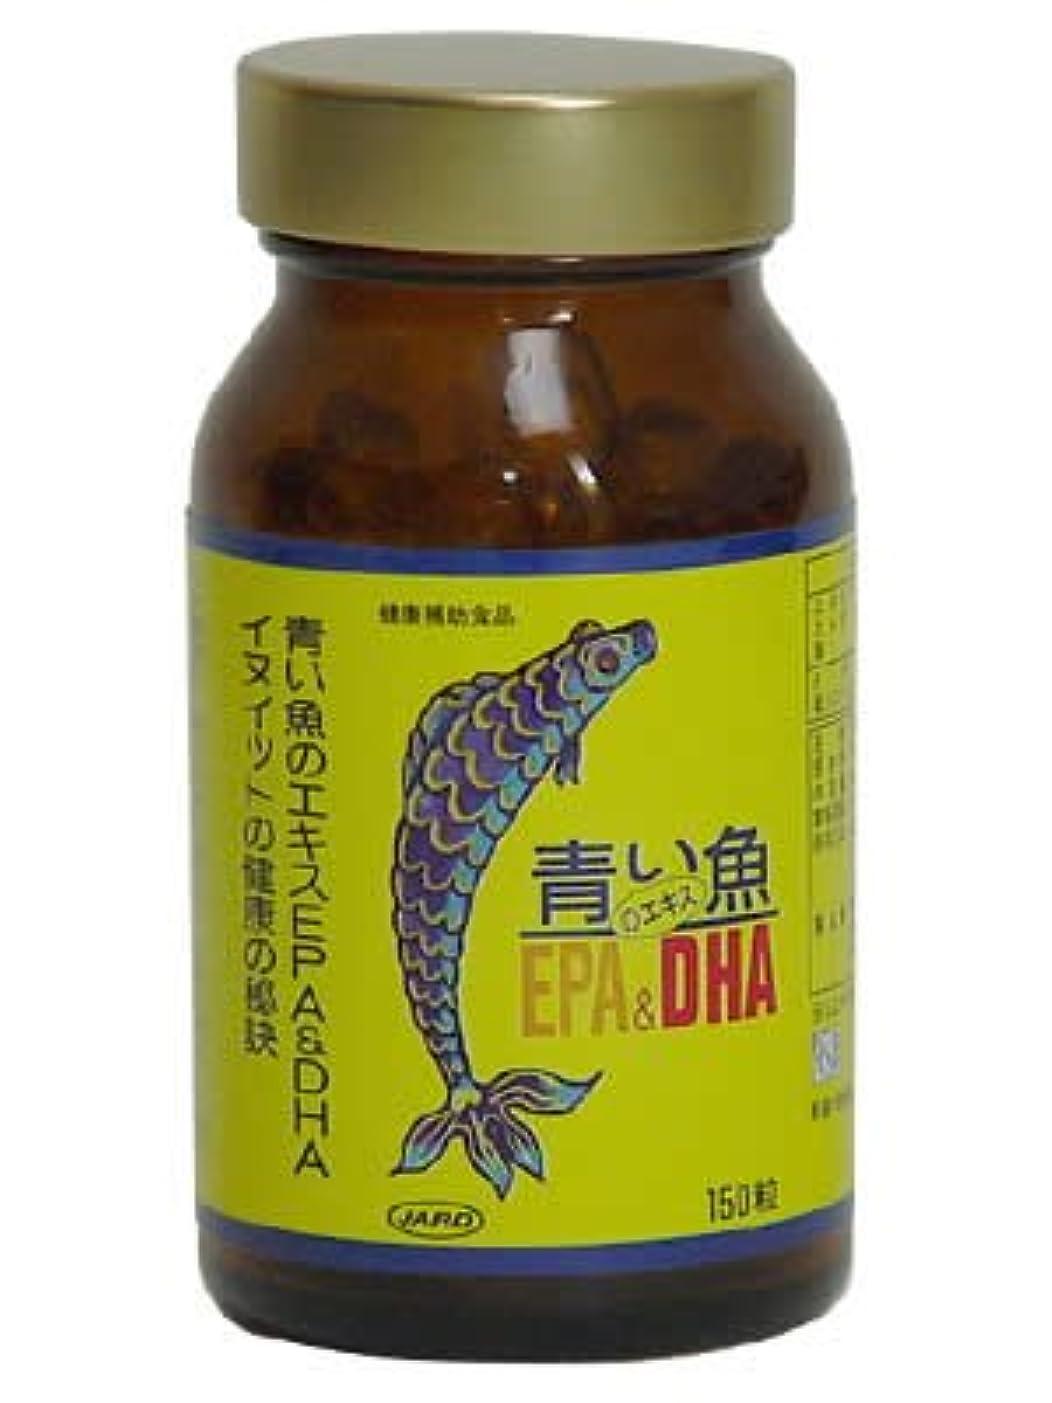 おとなしいヒロイン木曜日青い魚のエキスEPA&DHA【3本セット】ジャード